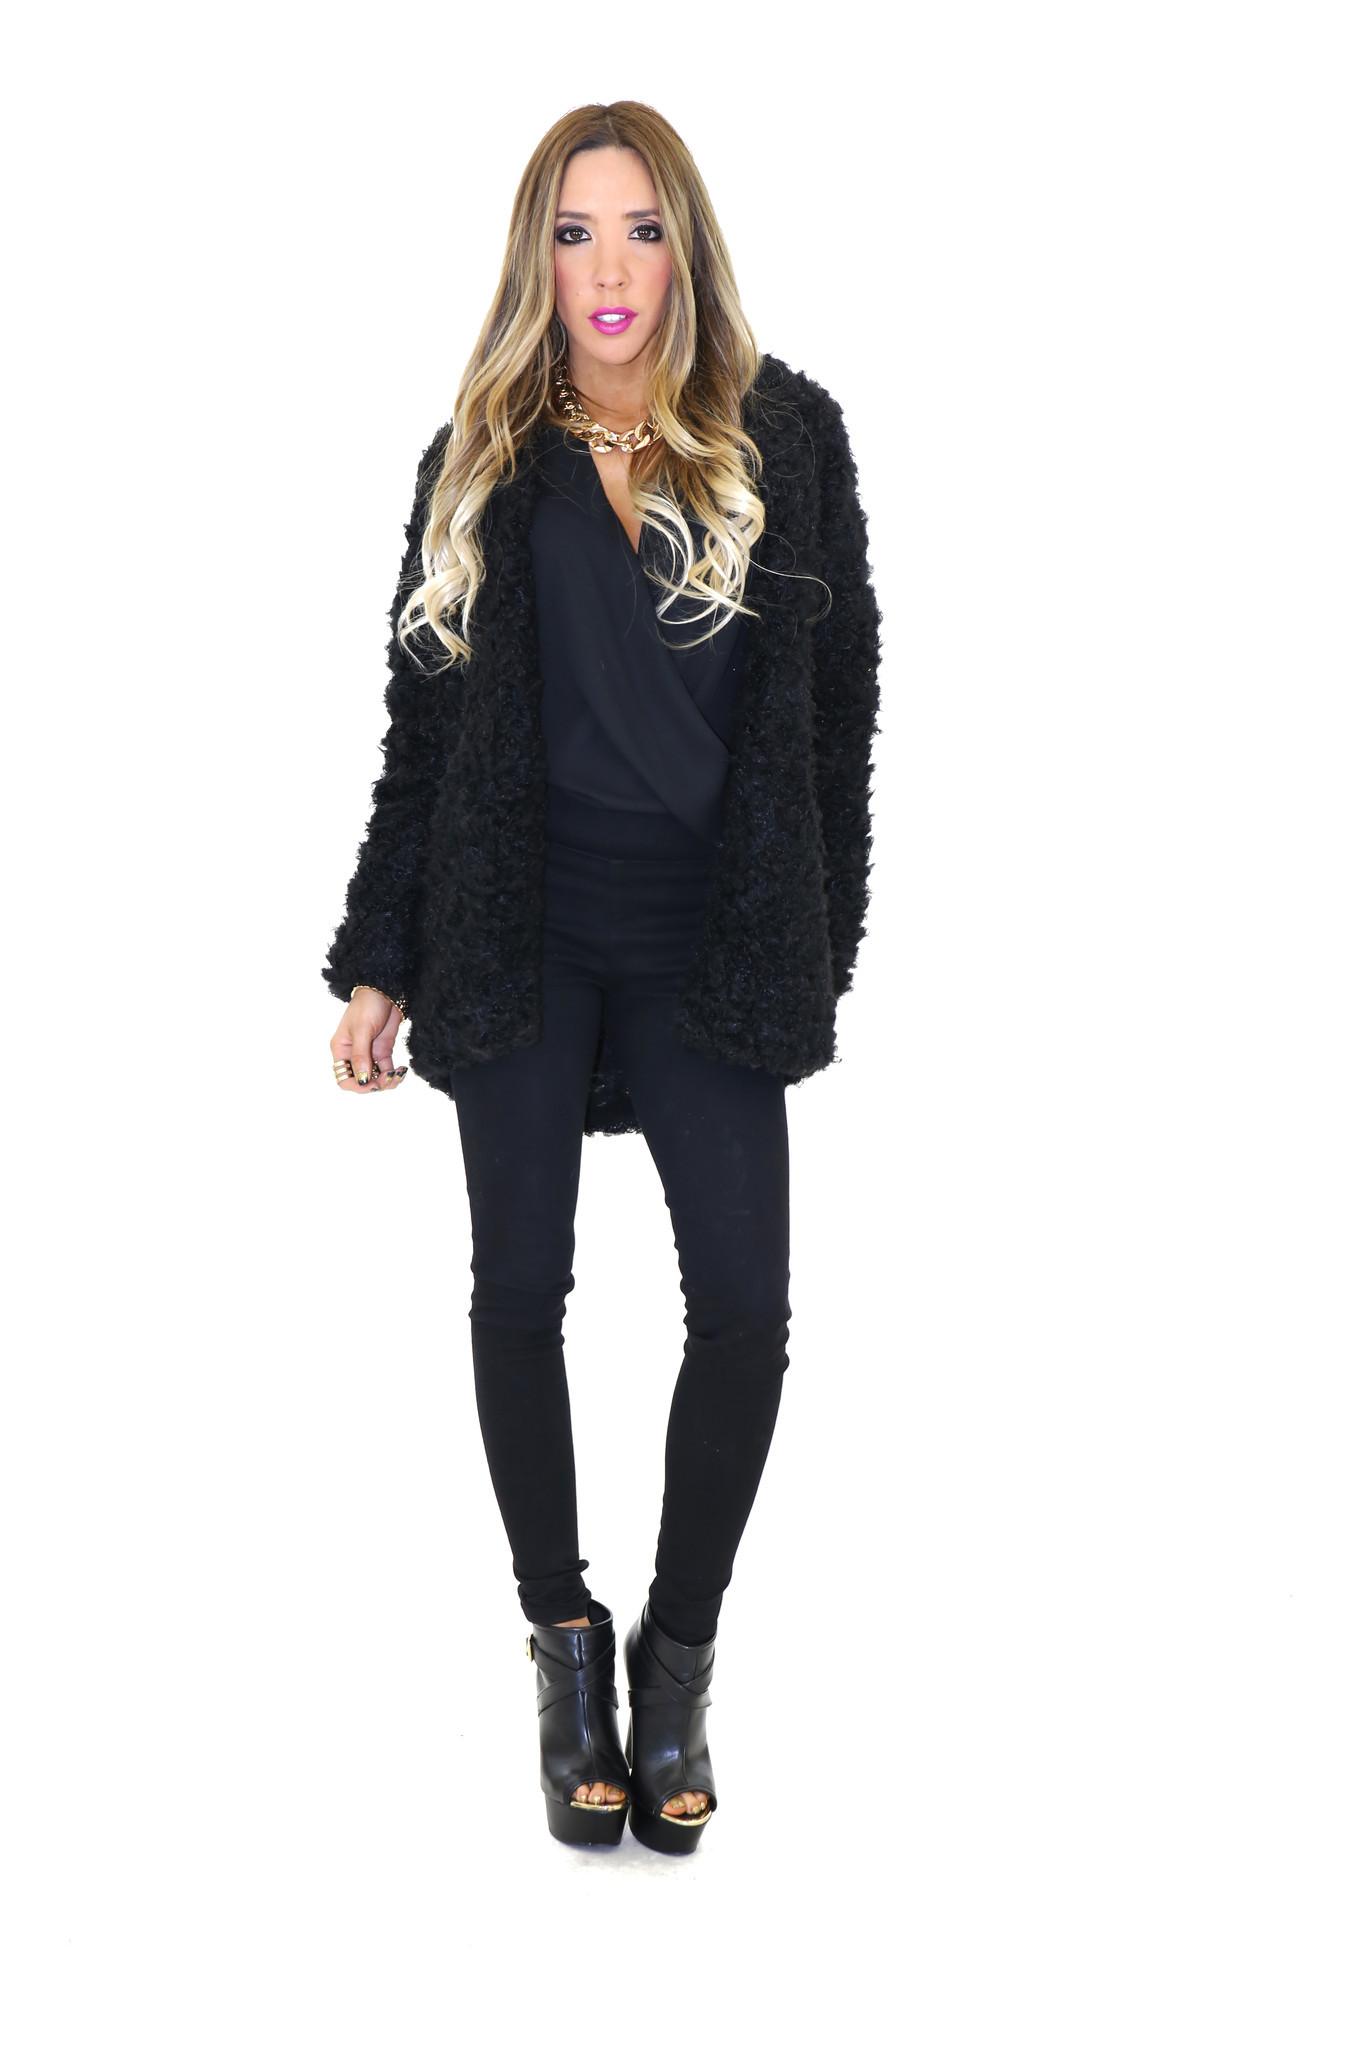 Angle faux sheep fur jacket